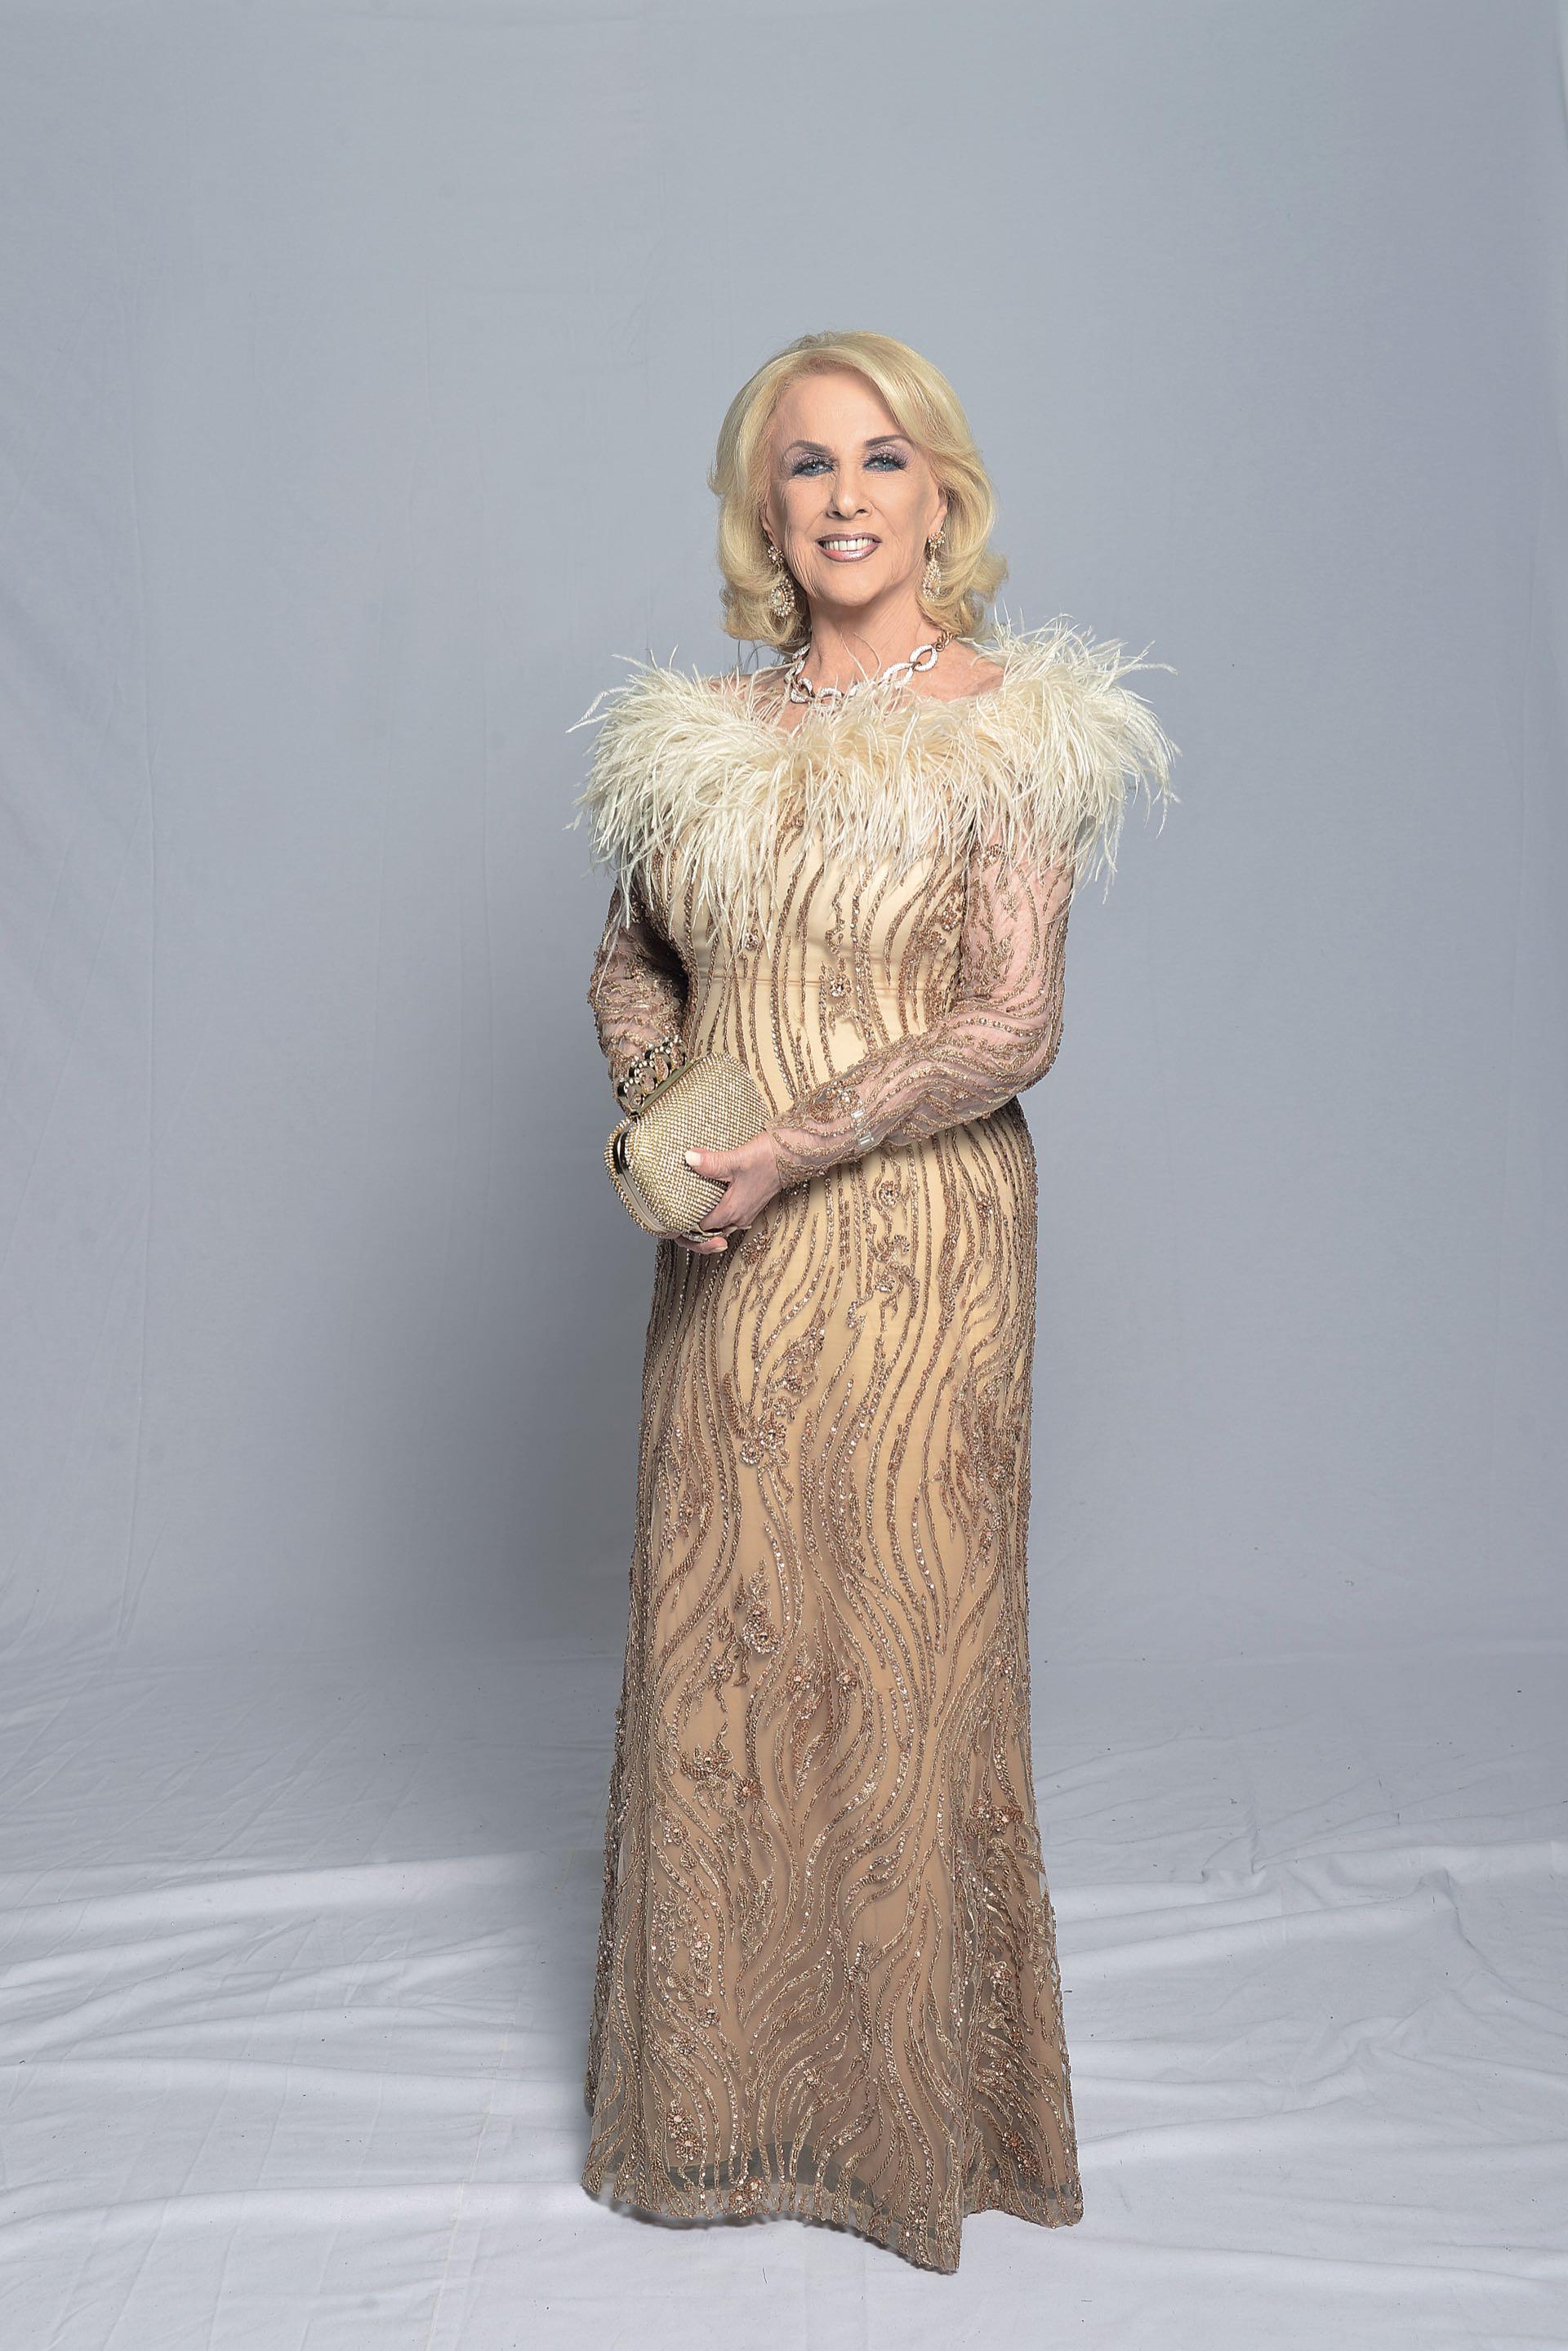 Mirtha en vestido bordado y plumas en escote by Iara, clutch Dior y joyas personales.